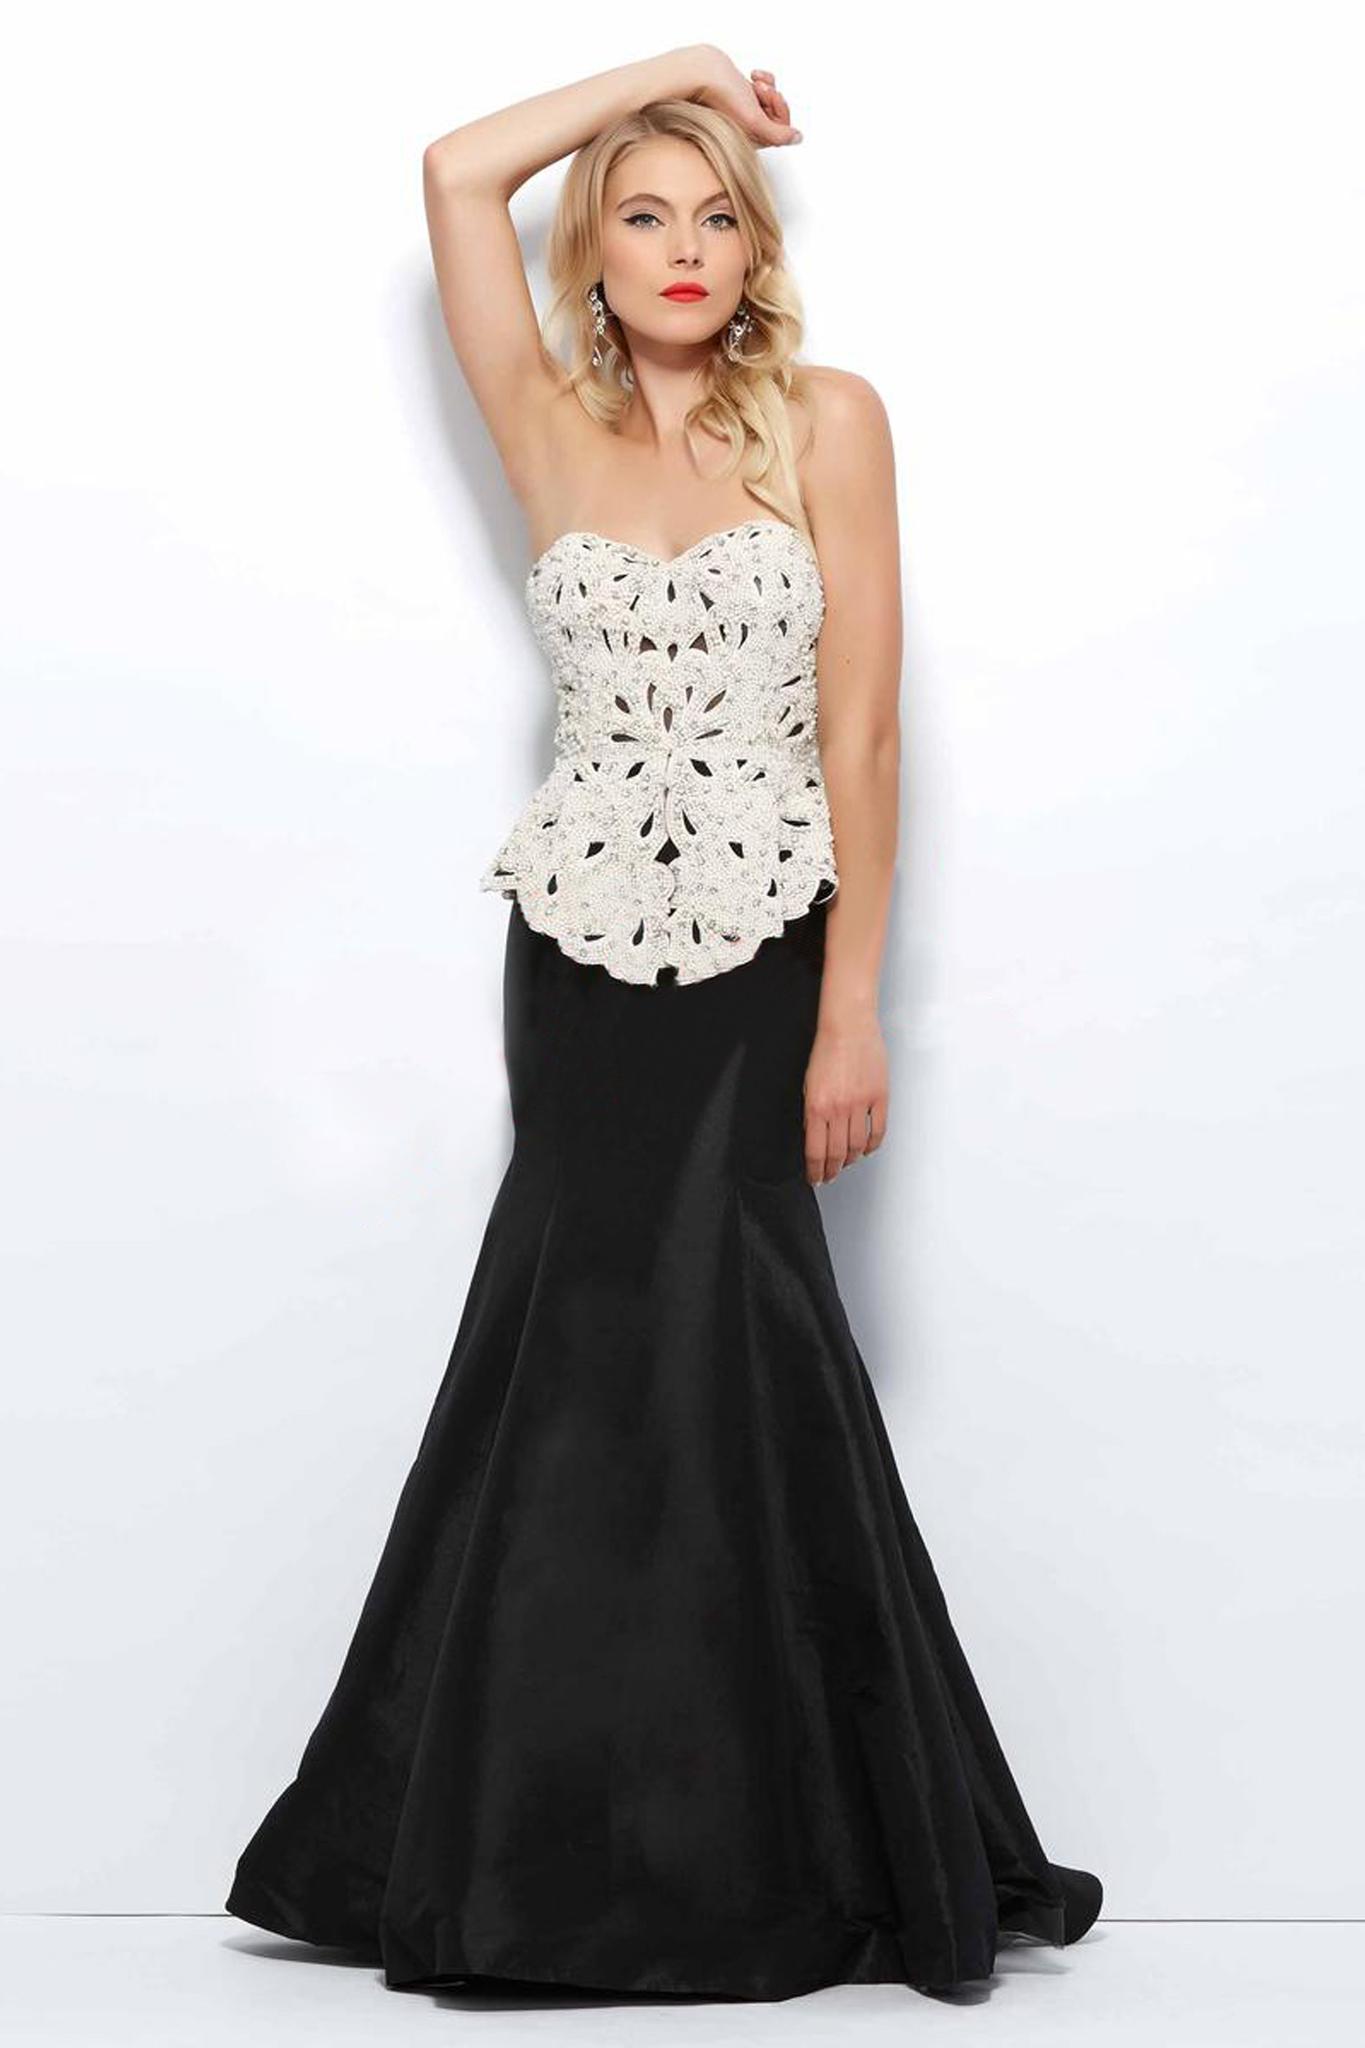 Mac Duggal 1554 платье длинное, лиф расшит бусинами и камнями, юбка